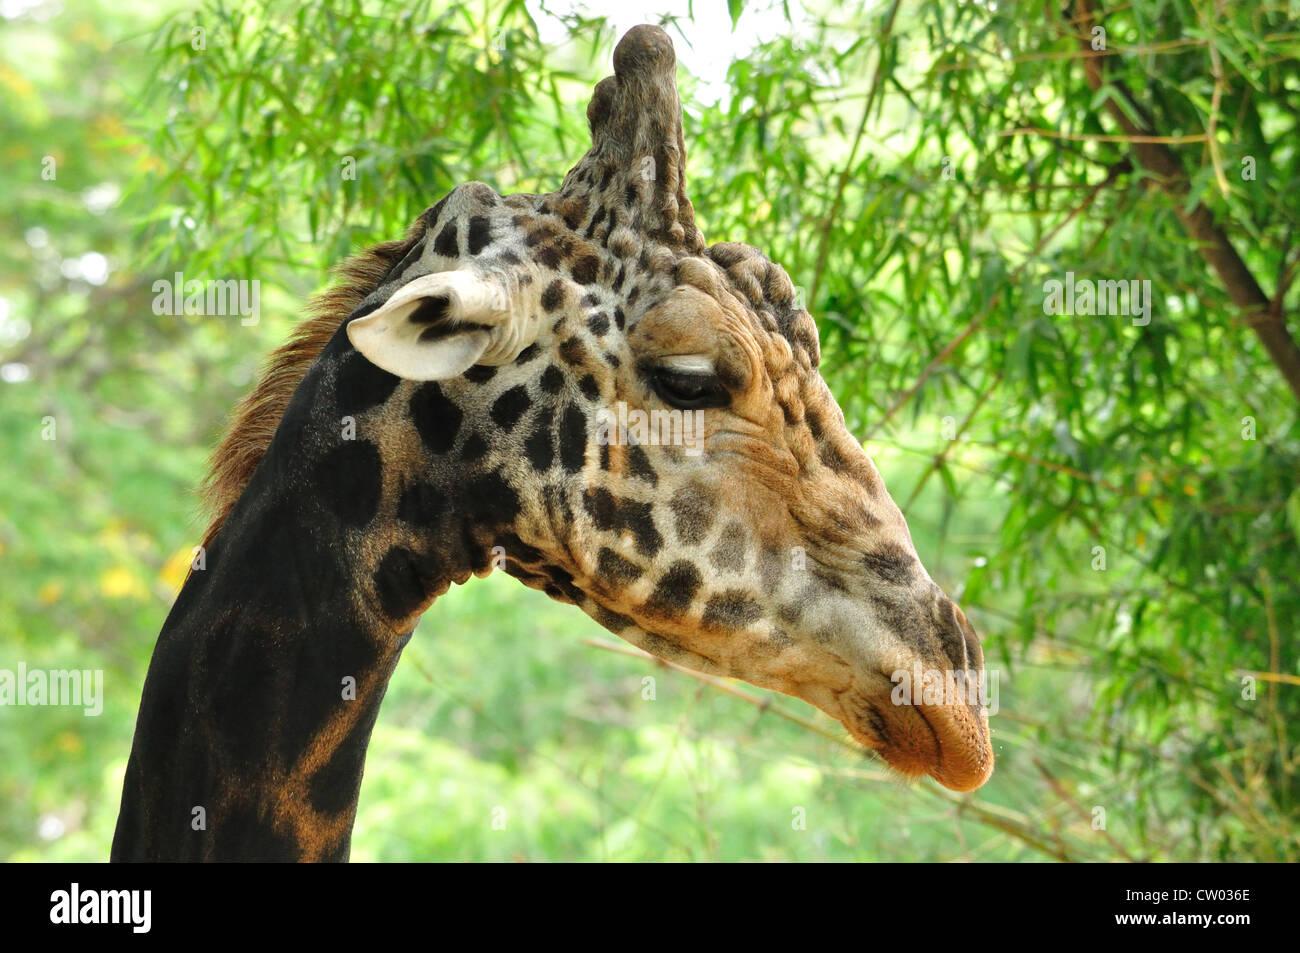 Giraffe Close-up (Giraffa camelopardalis) - Stock Image